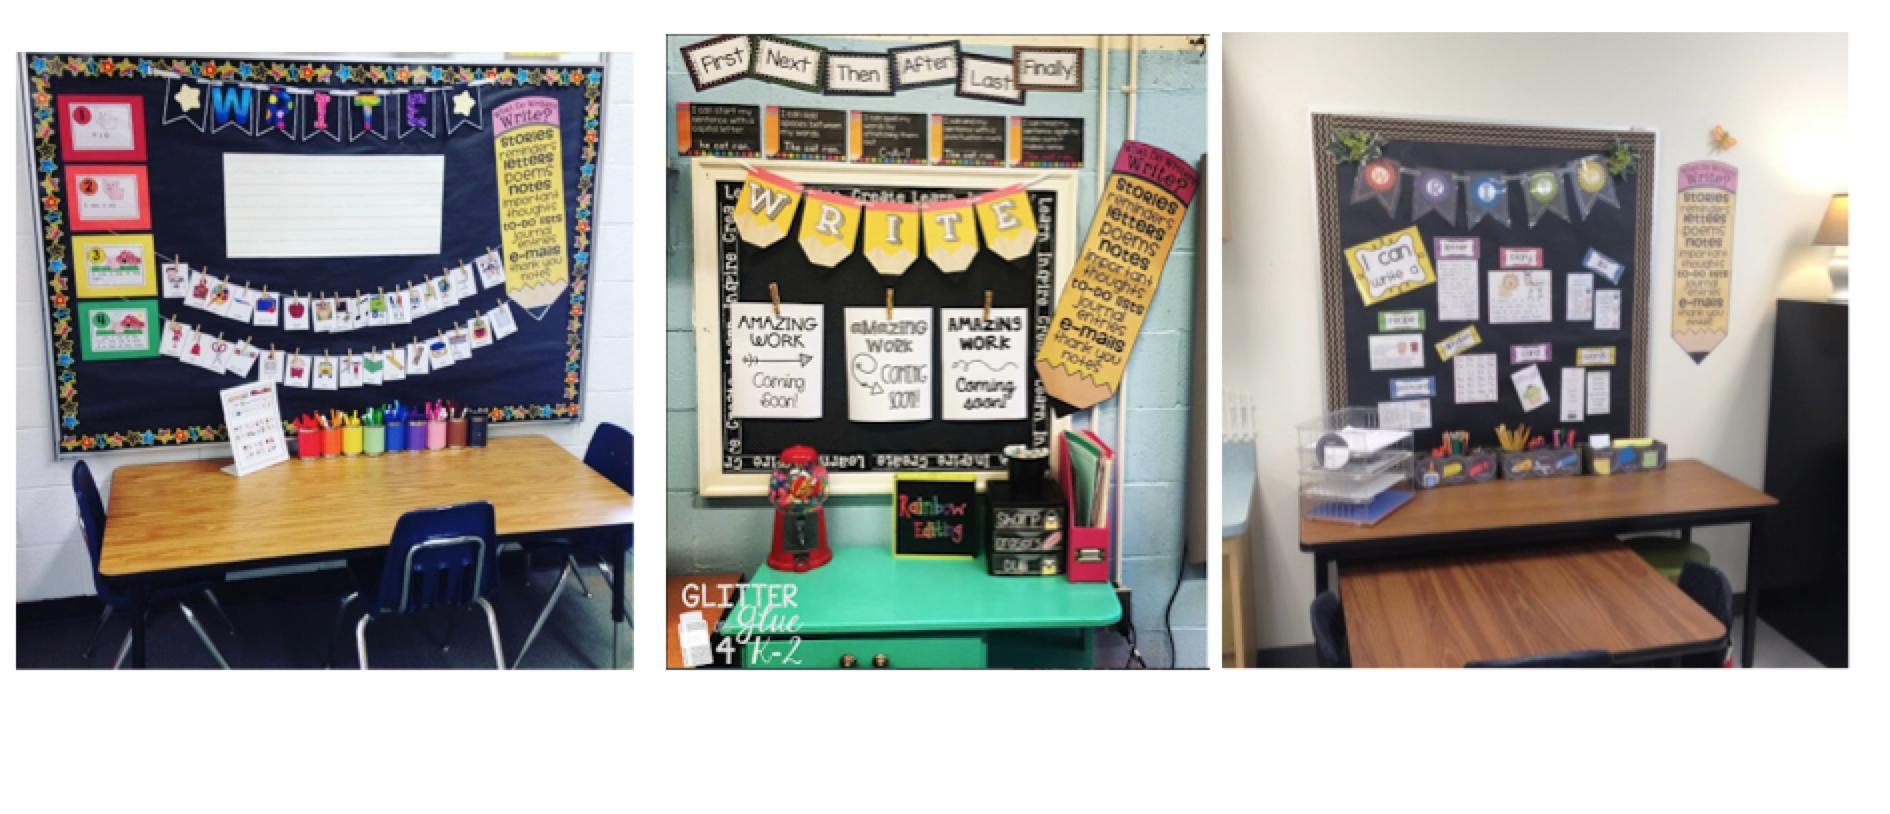 Image Sources:  http://teacherdesigns.blogspot.com/2015/08/kindergarten-writing-center.html?m=1 ,  http://www.glitterandglue4k2.com/2016/08/my-writing-center.html?m=1 , unknown